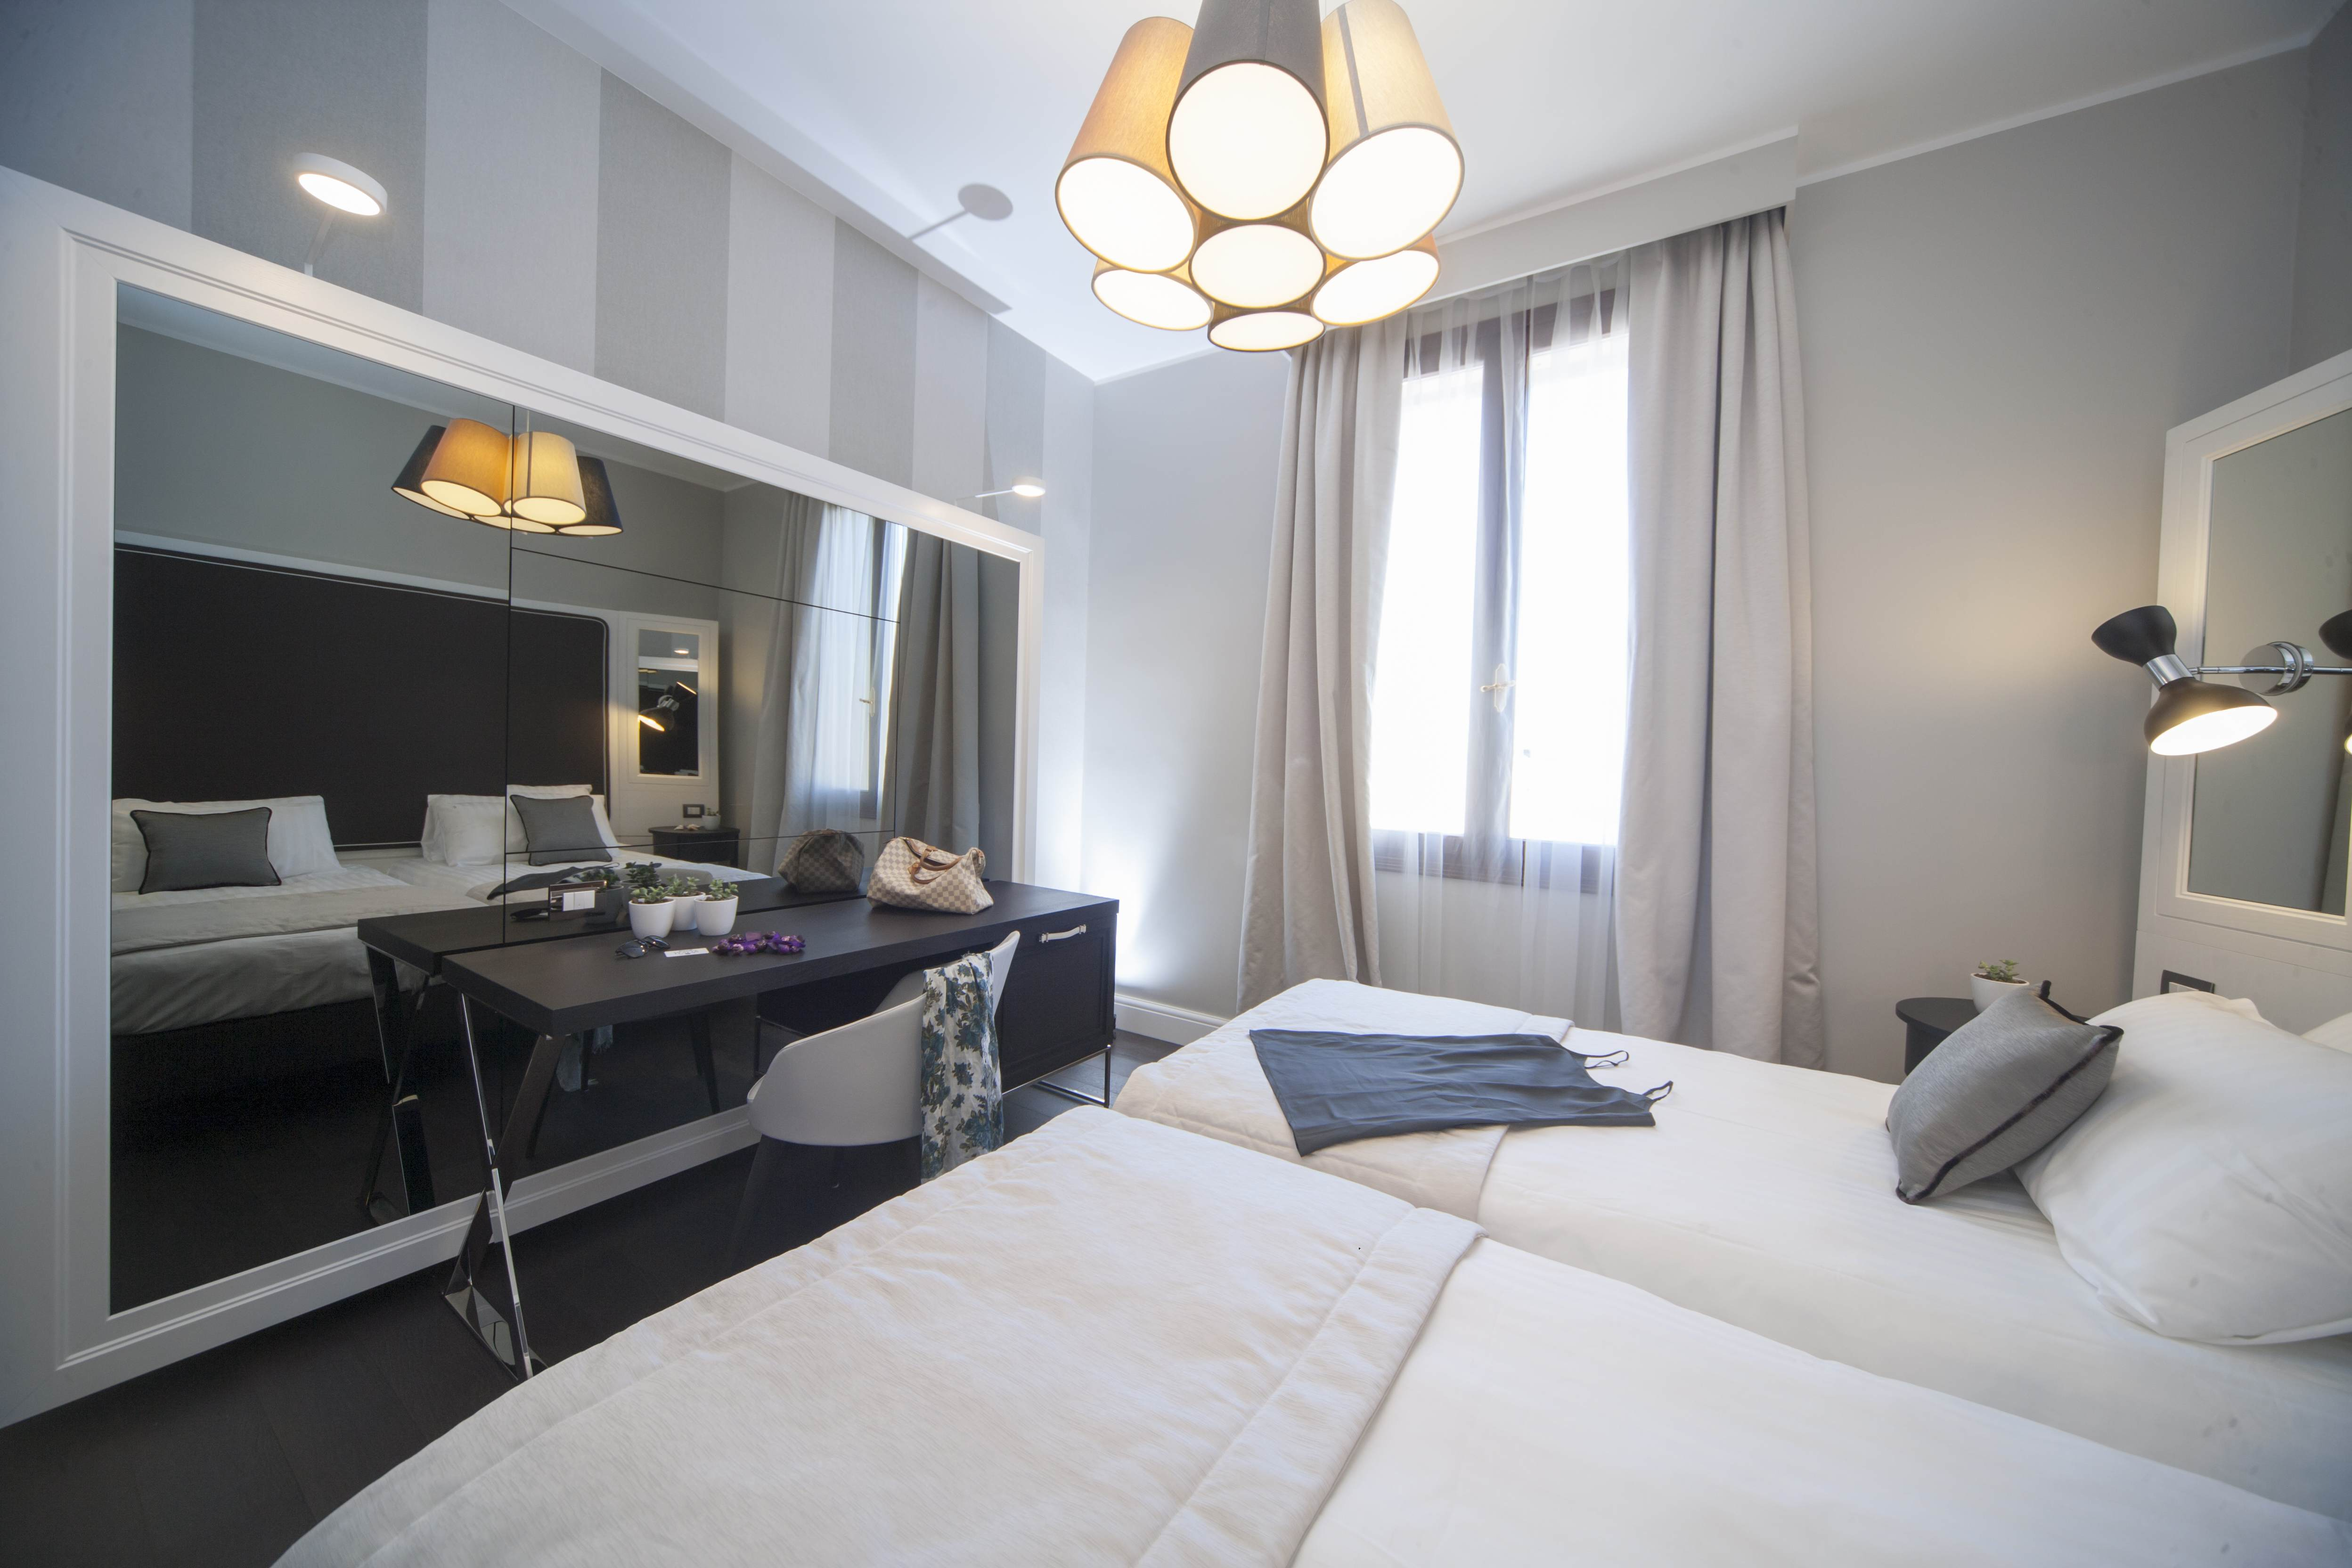 Sleep hotel grande italia